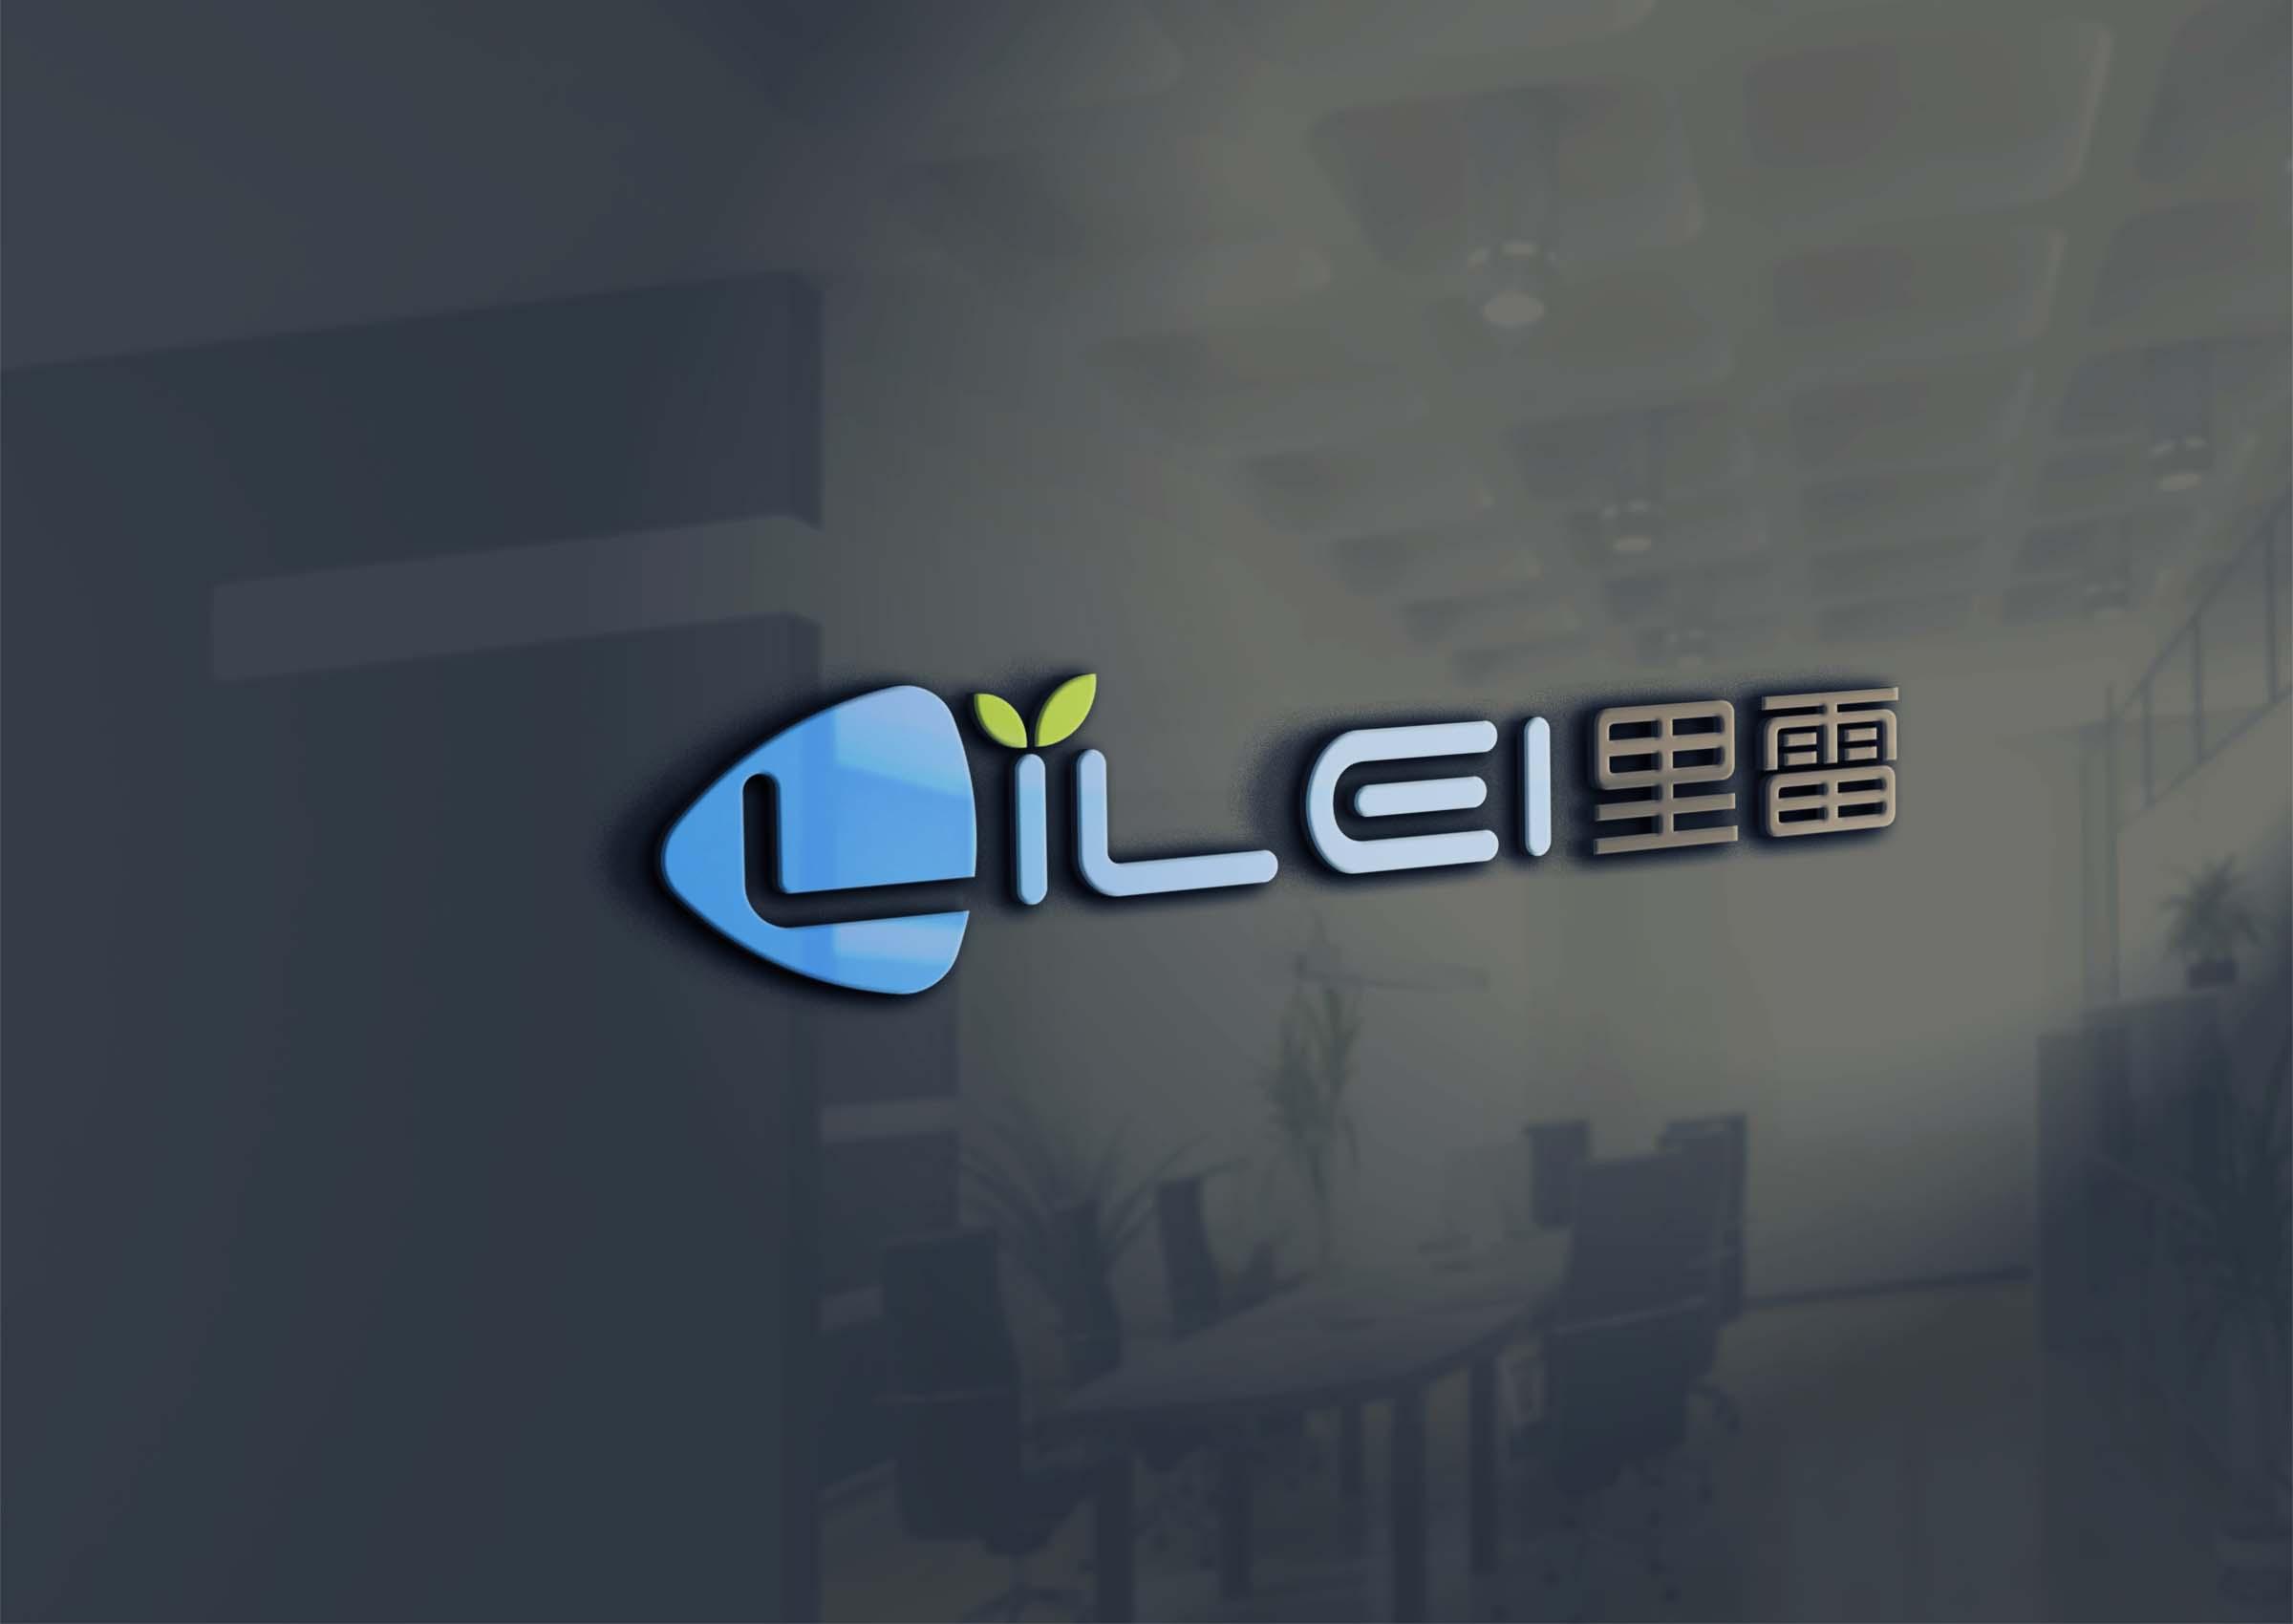 医疗公司logo_2964055_k68威客网